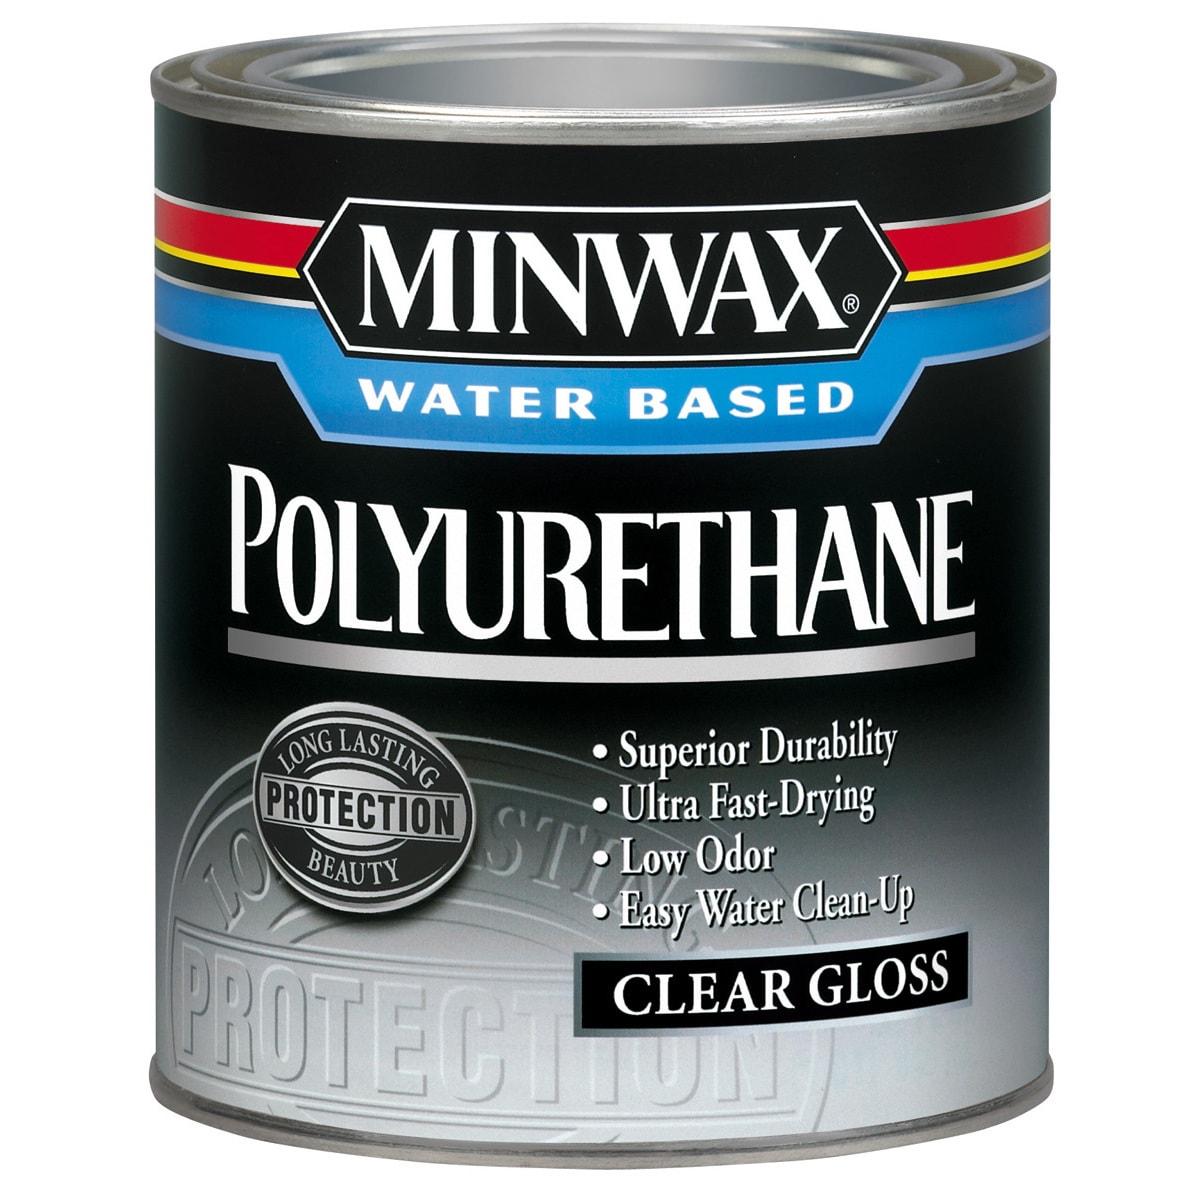 Minwax 23015 1/2 Pint Gloss Minwax Water Based Polyuretha...